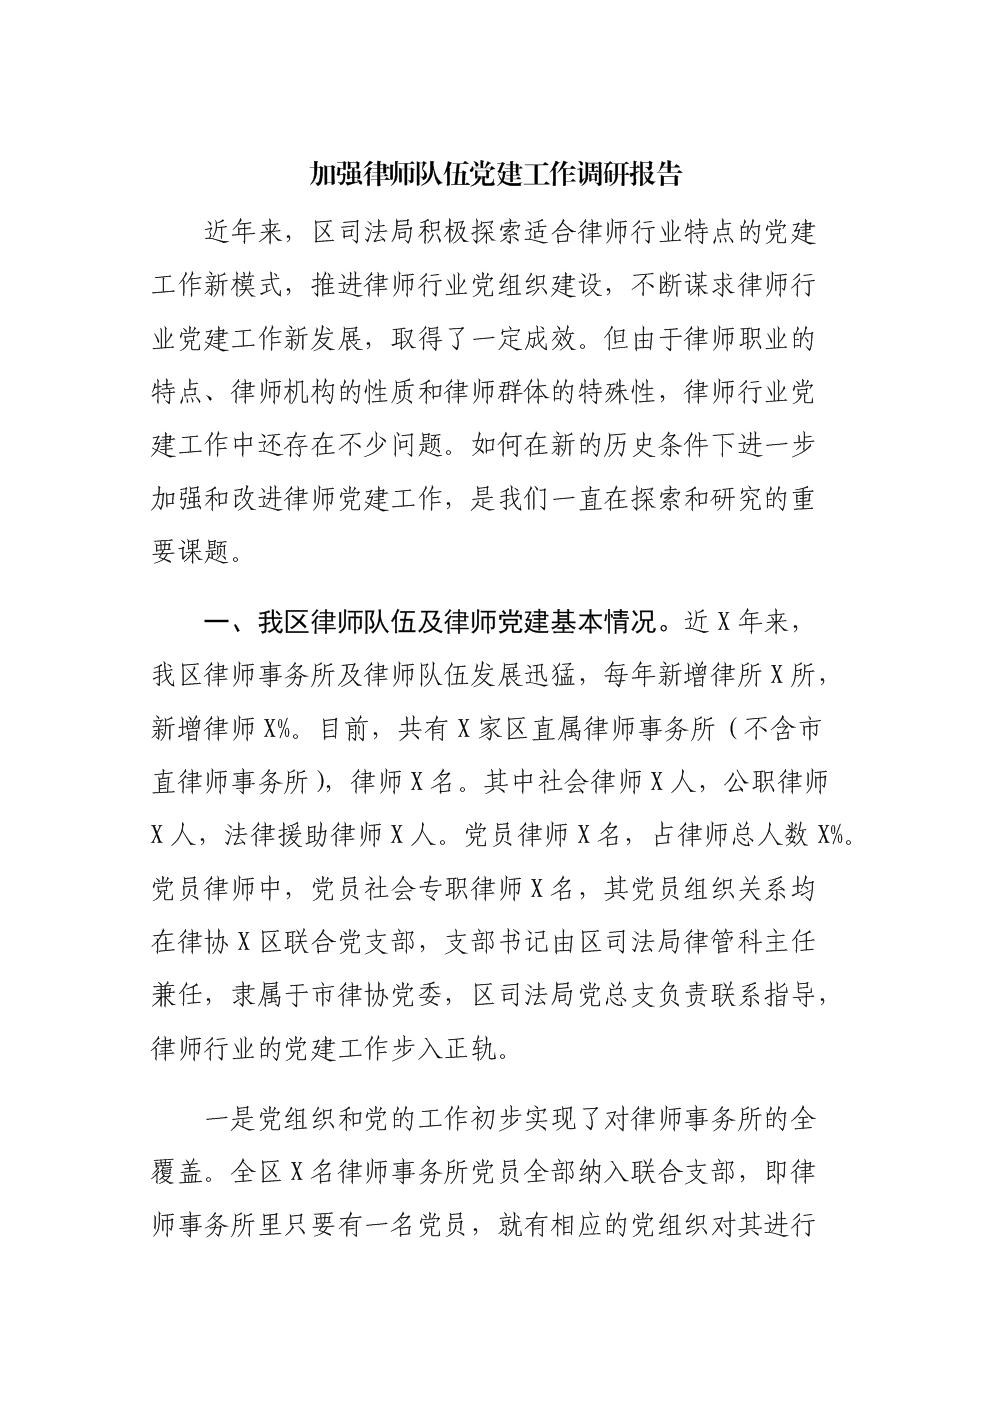 加强律师队伍党建工作调研报告.docx